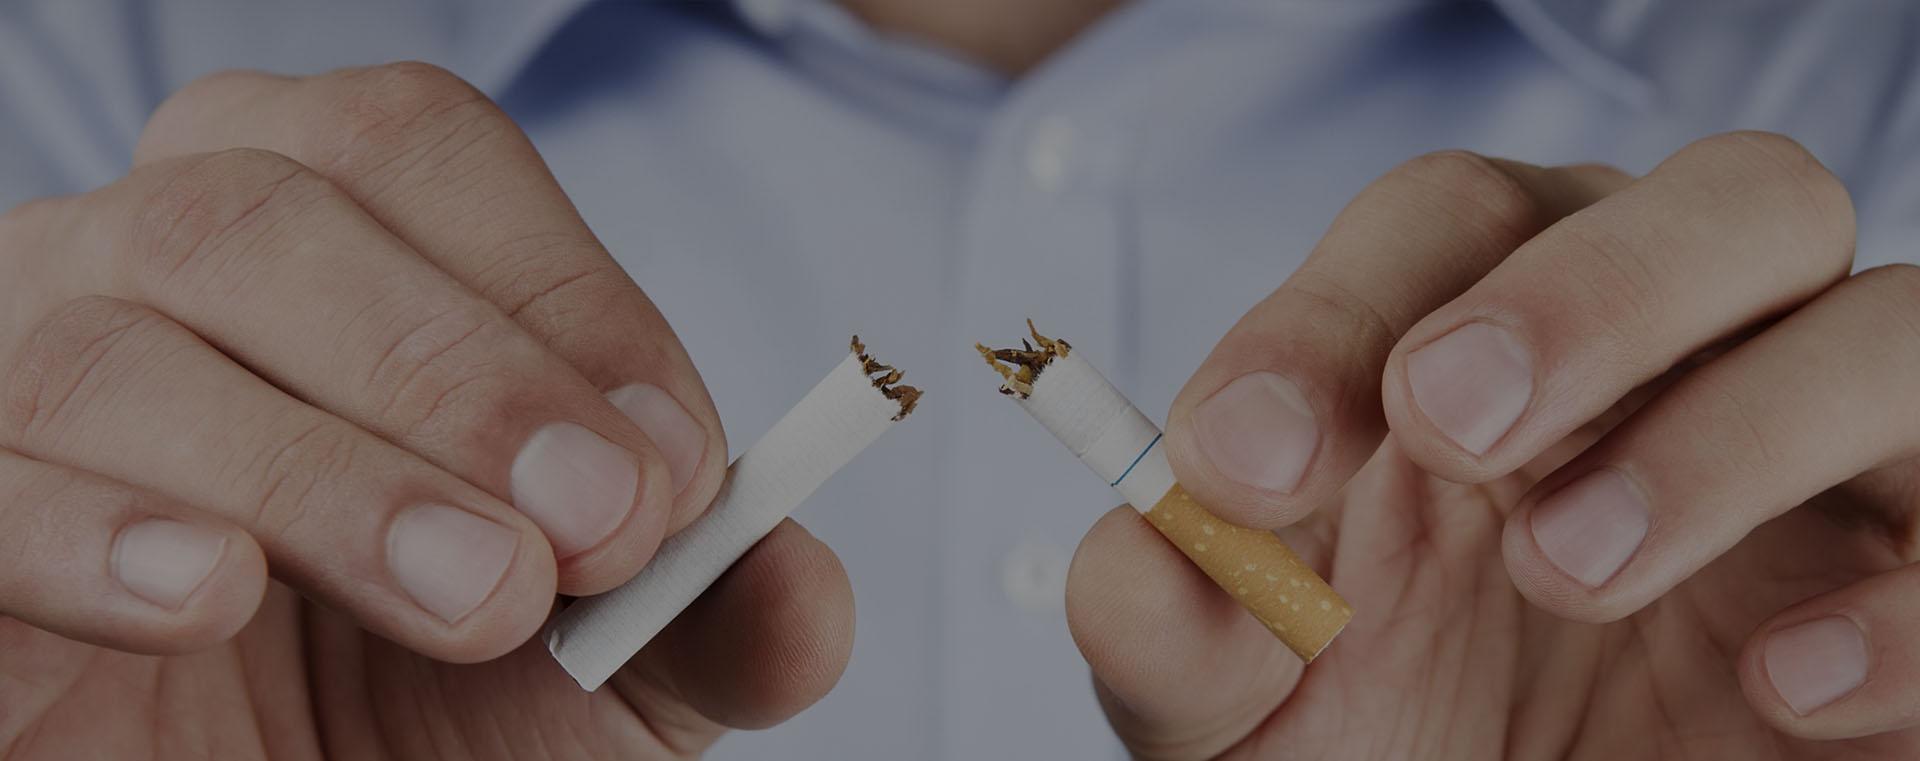 tecnicas para dejar de fumar en valladolid